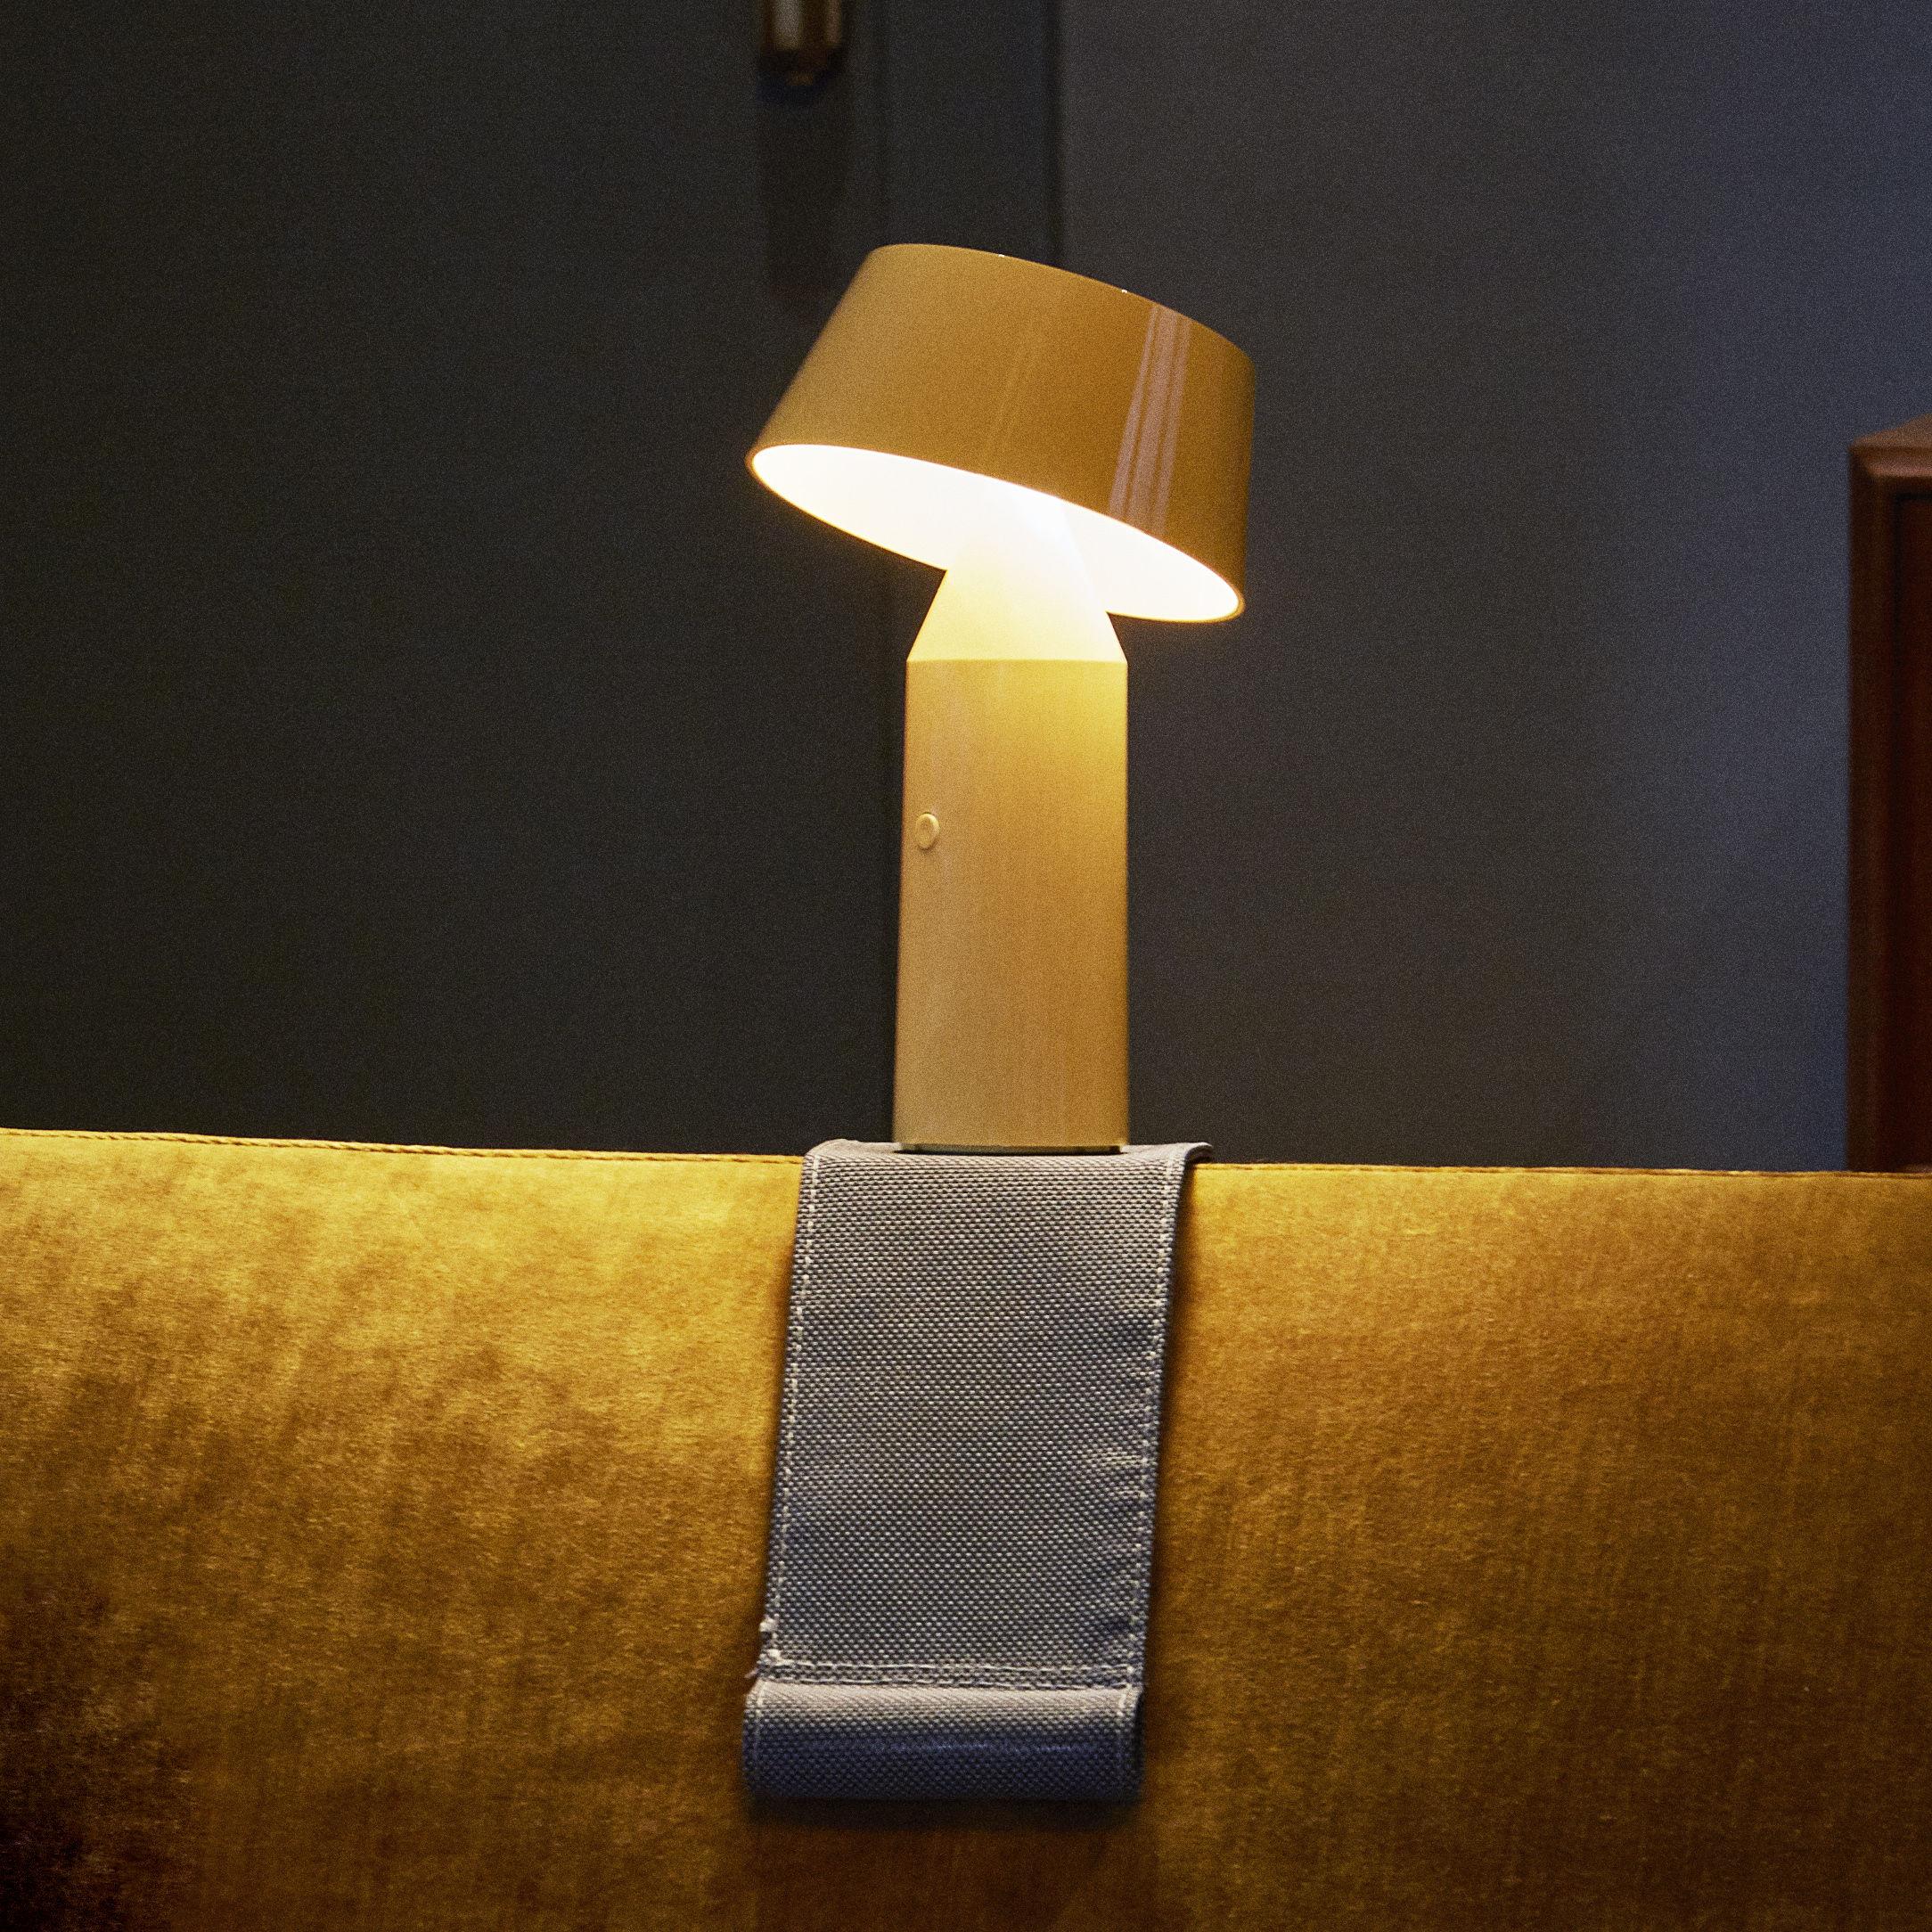 Luminaire - Lampes de table - Sangle de fixation accoudoir aimantée / Pour lampe Bicoca - Marset - Gris - Métal, Tissu